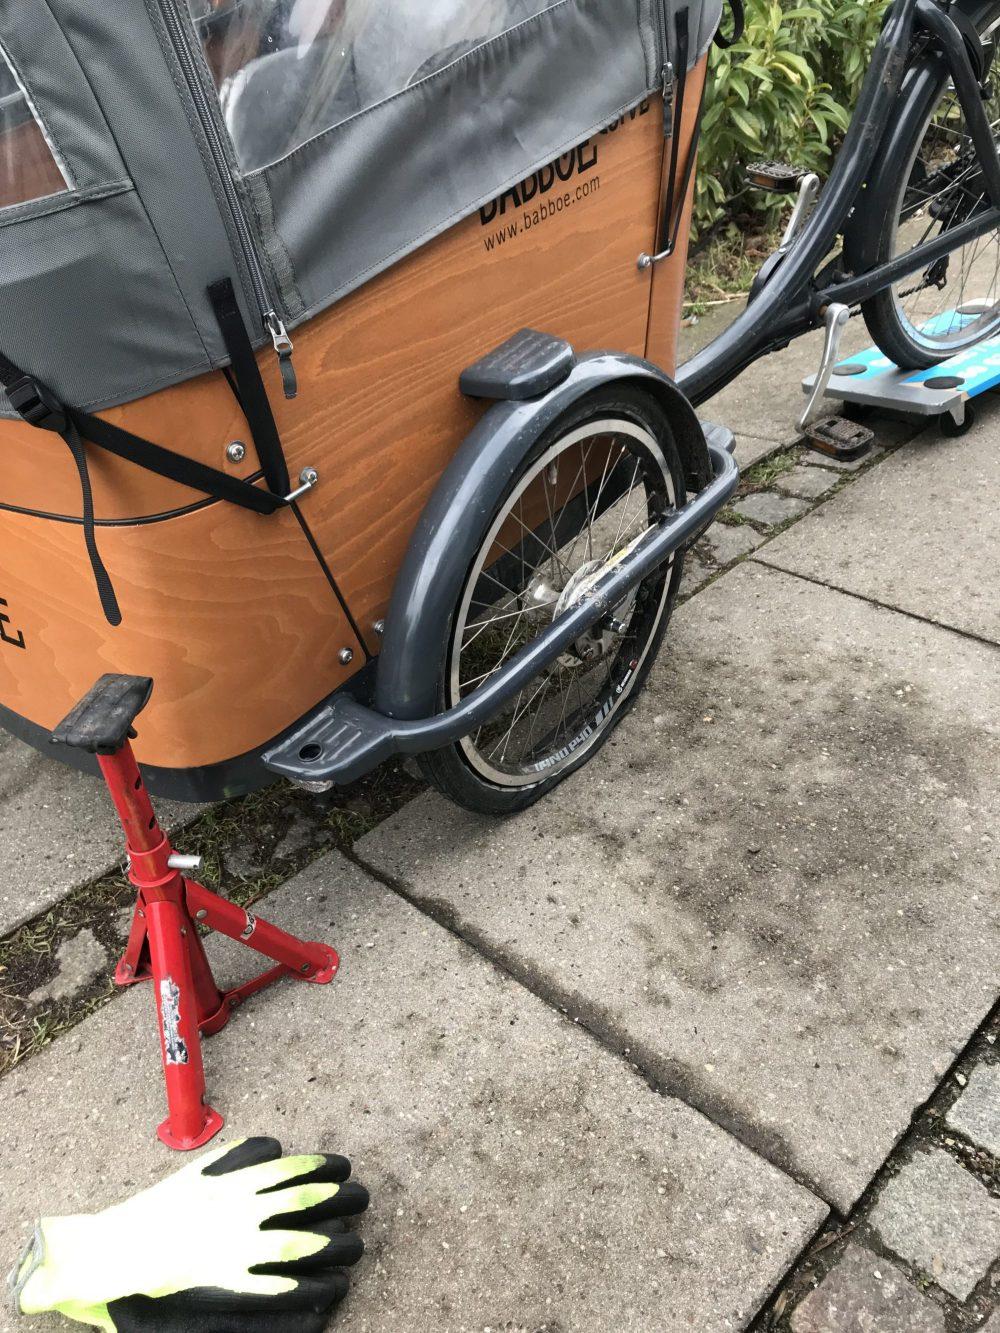 Babboe ladcykel punkteret og flad på forhjul, kan også udskifte dæk